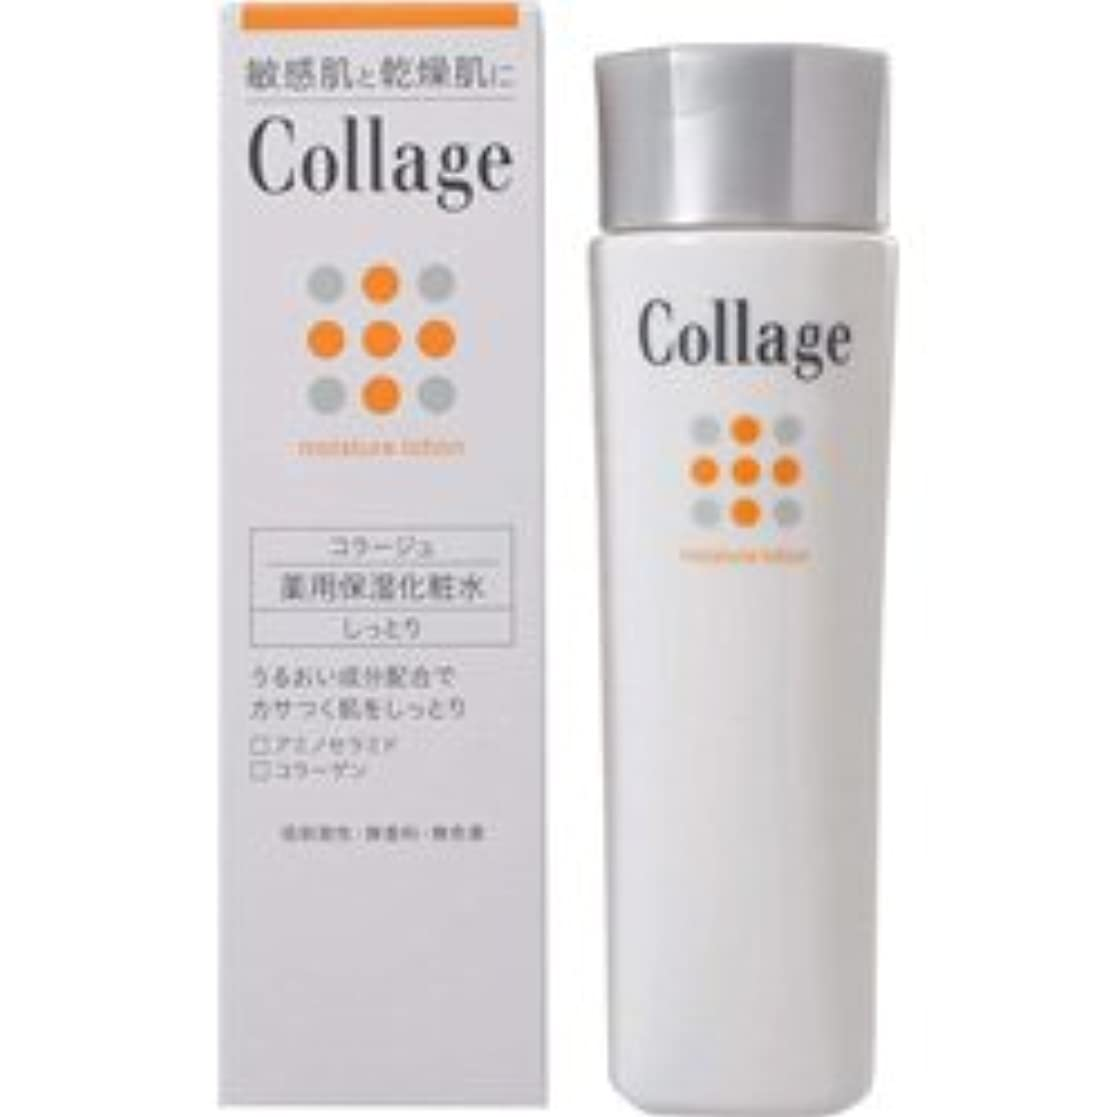 【持田ヘルスケア】 コラージュ薬用保湿化粧水 しっとり 120ml (医薬部外品) ×3個セット